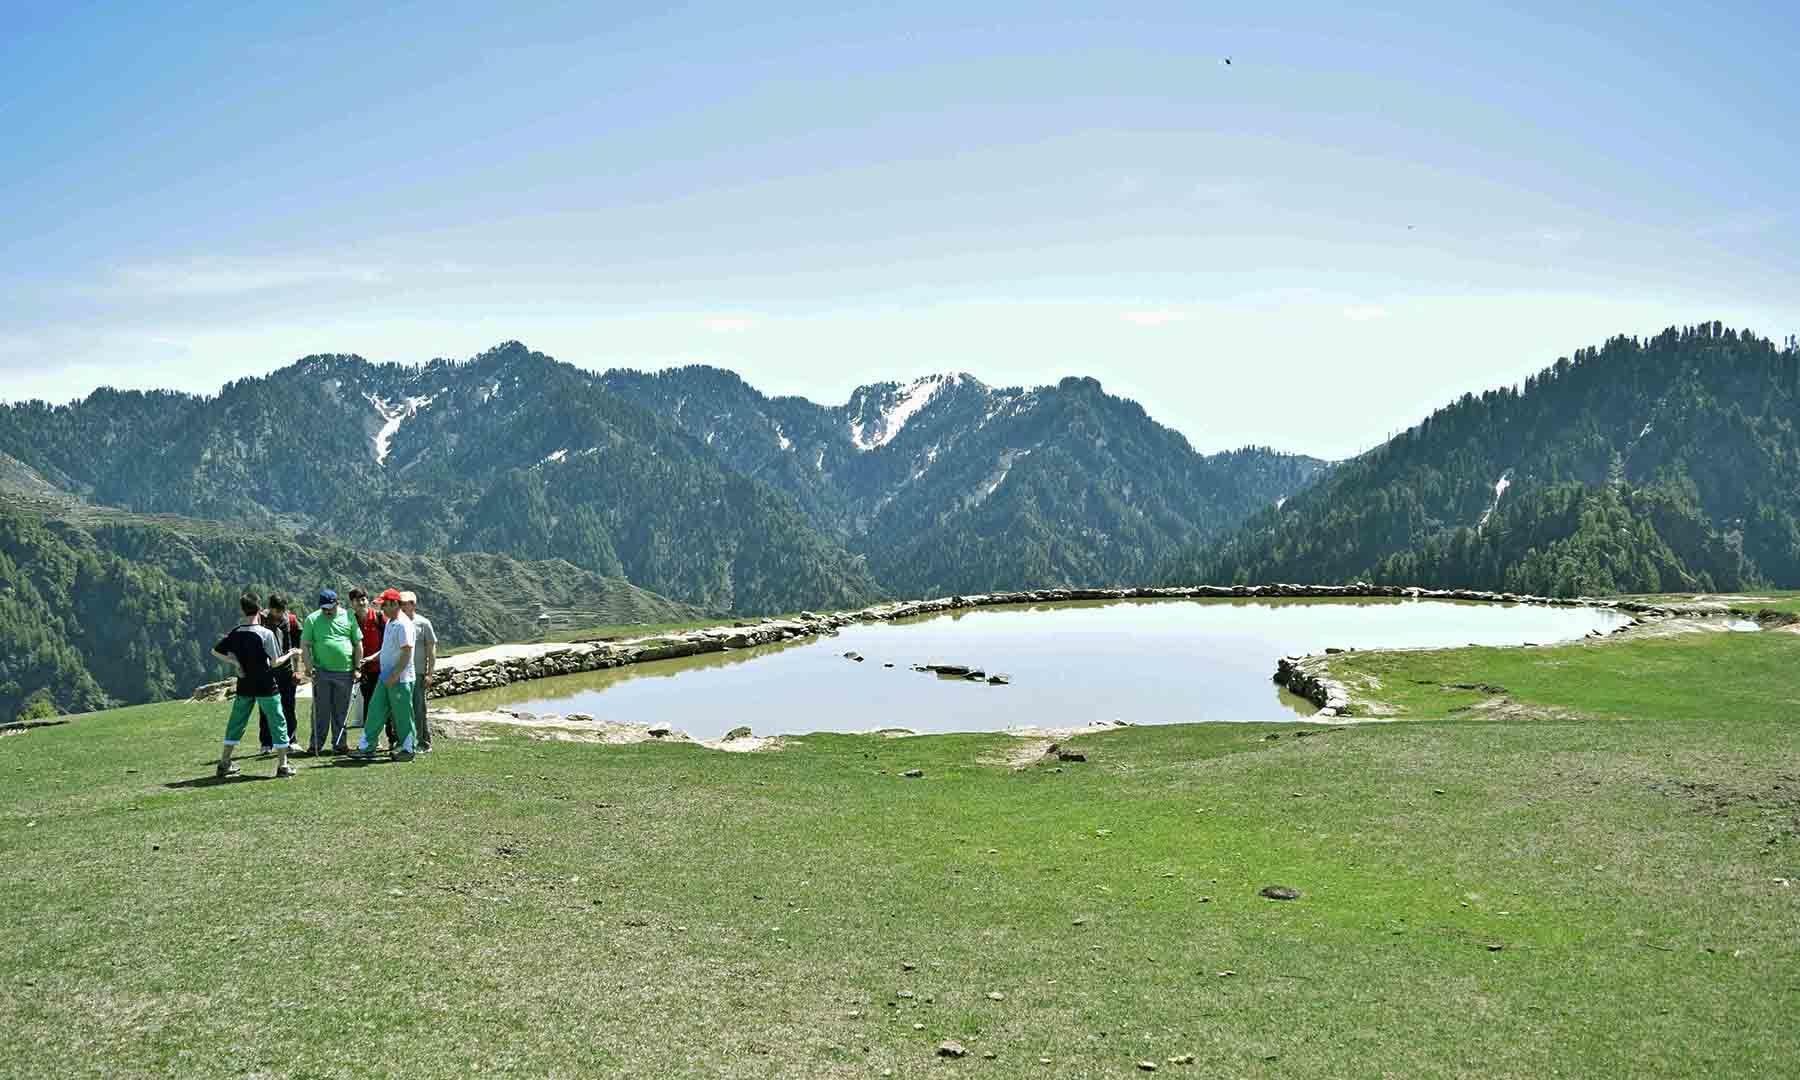 جھیل پر مقامی سیاحوں کی ایک جماعت دیکھی جاسکتی ہے— تصویر امجد علی سحاب